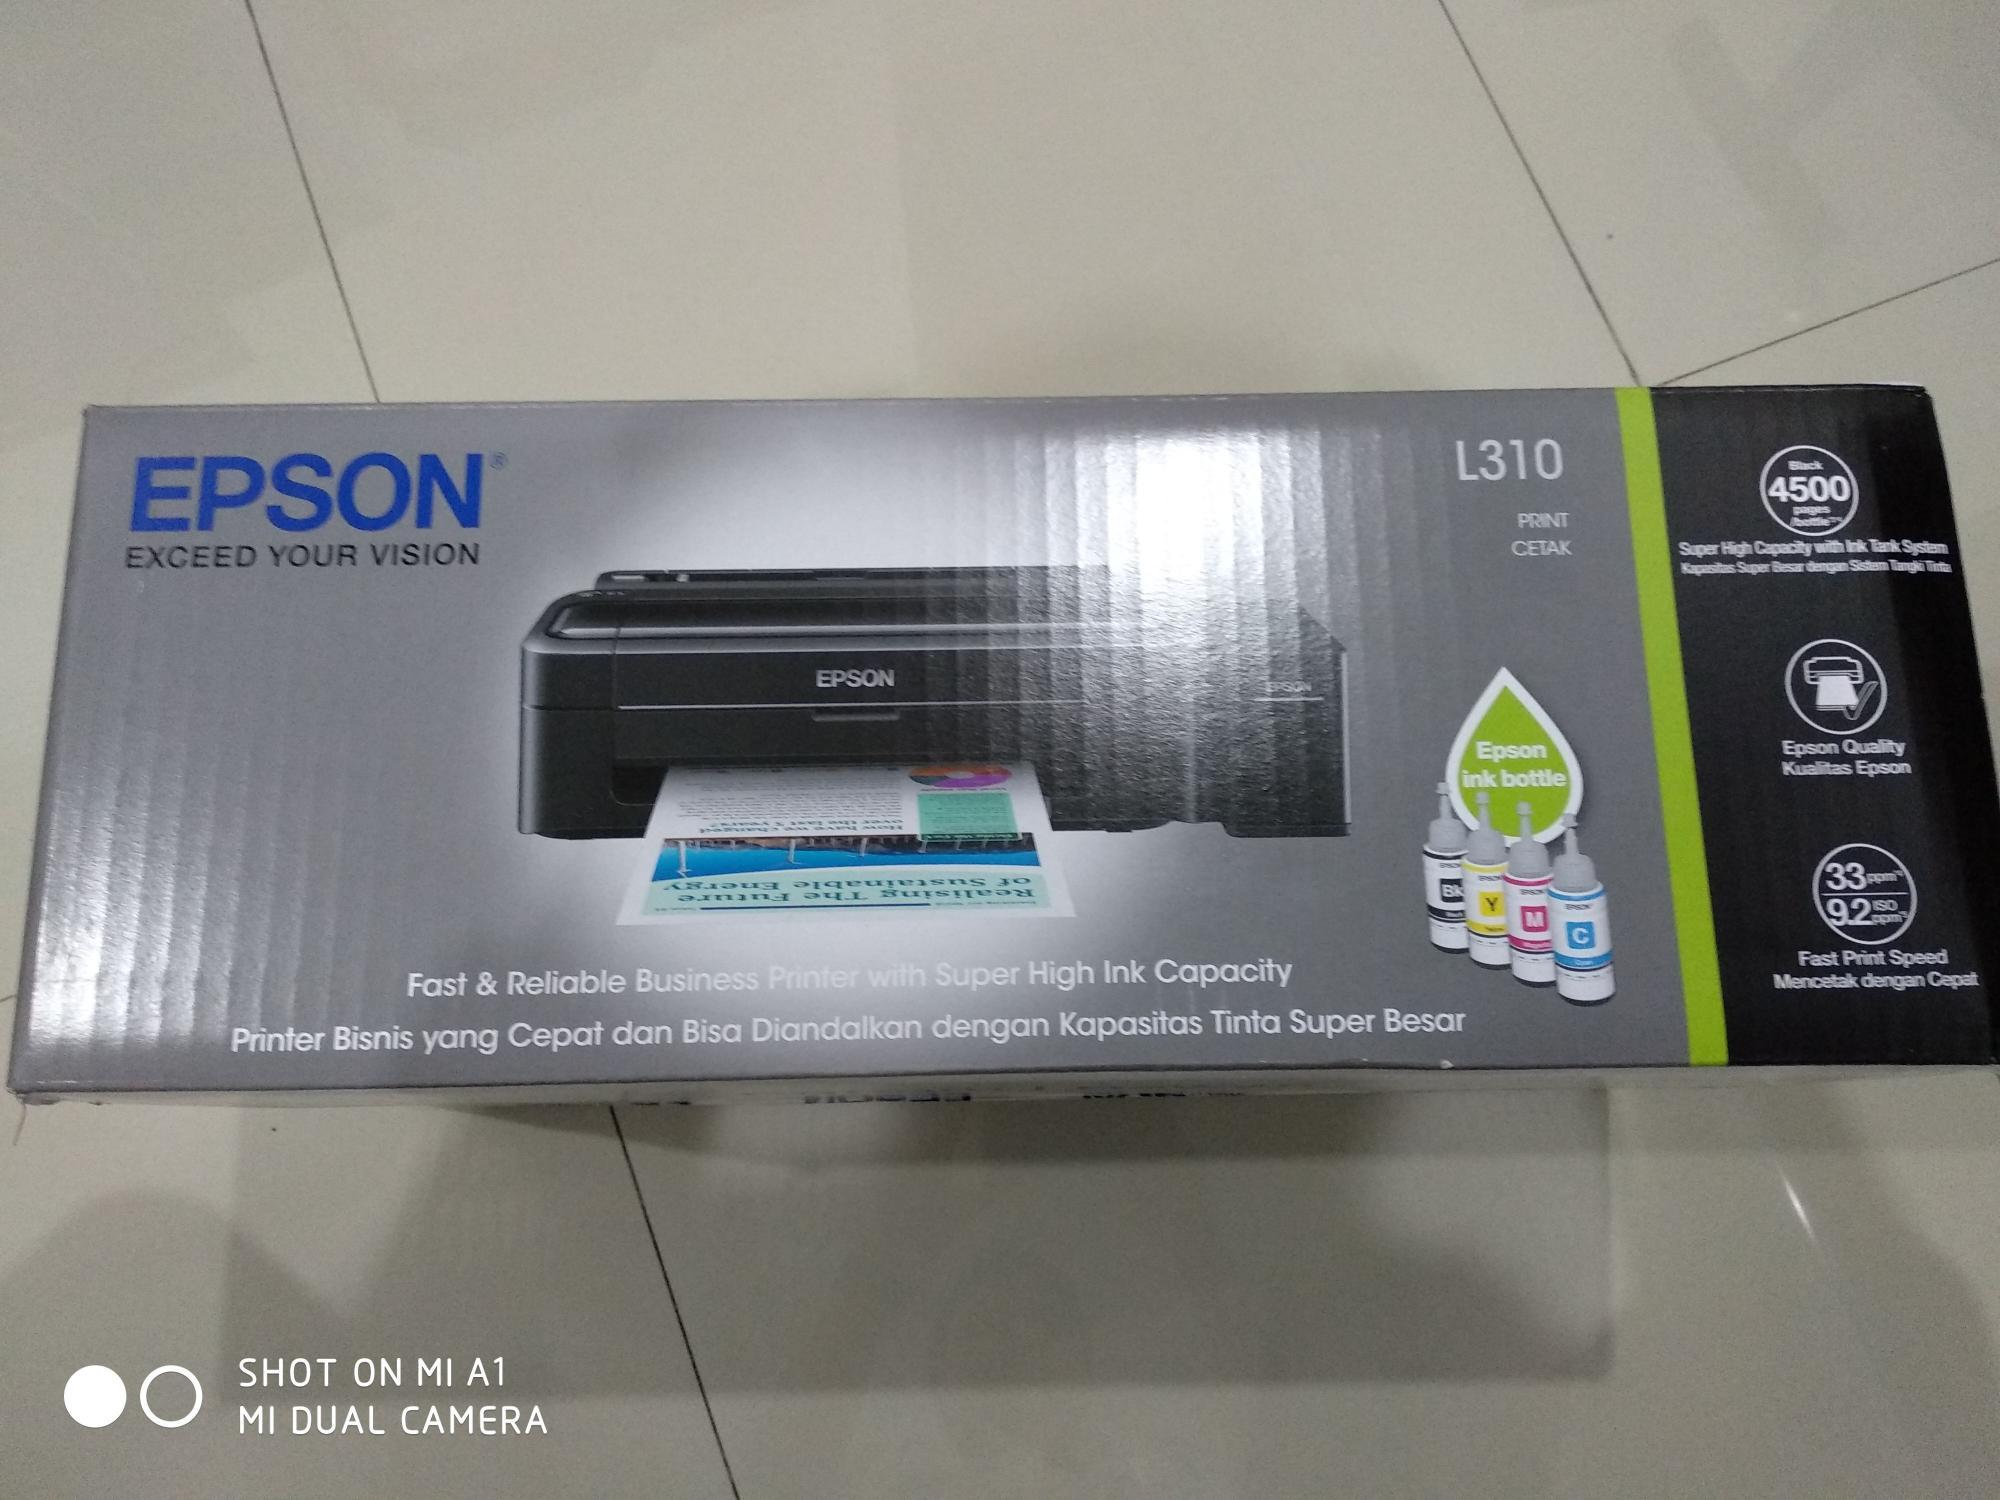 Harga Printer Epson L310 Bekas Terkini Online Murah 2018 Grosir L 310